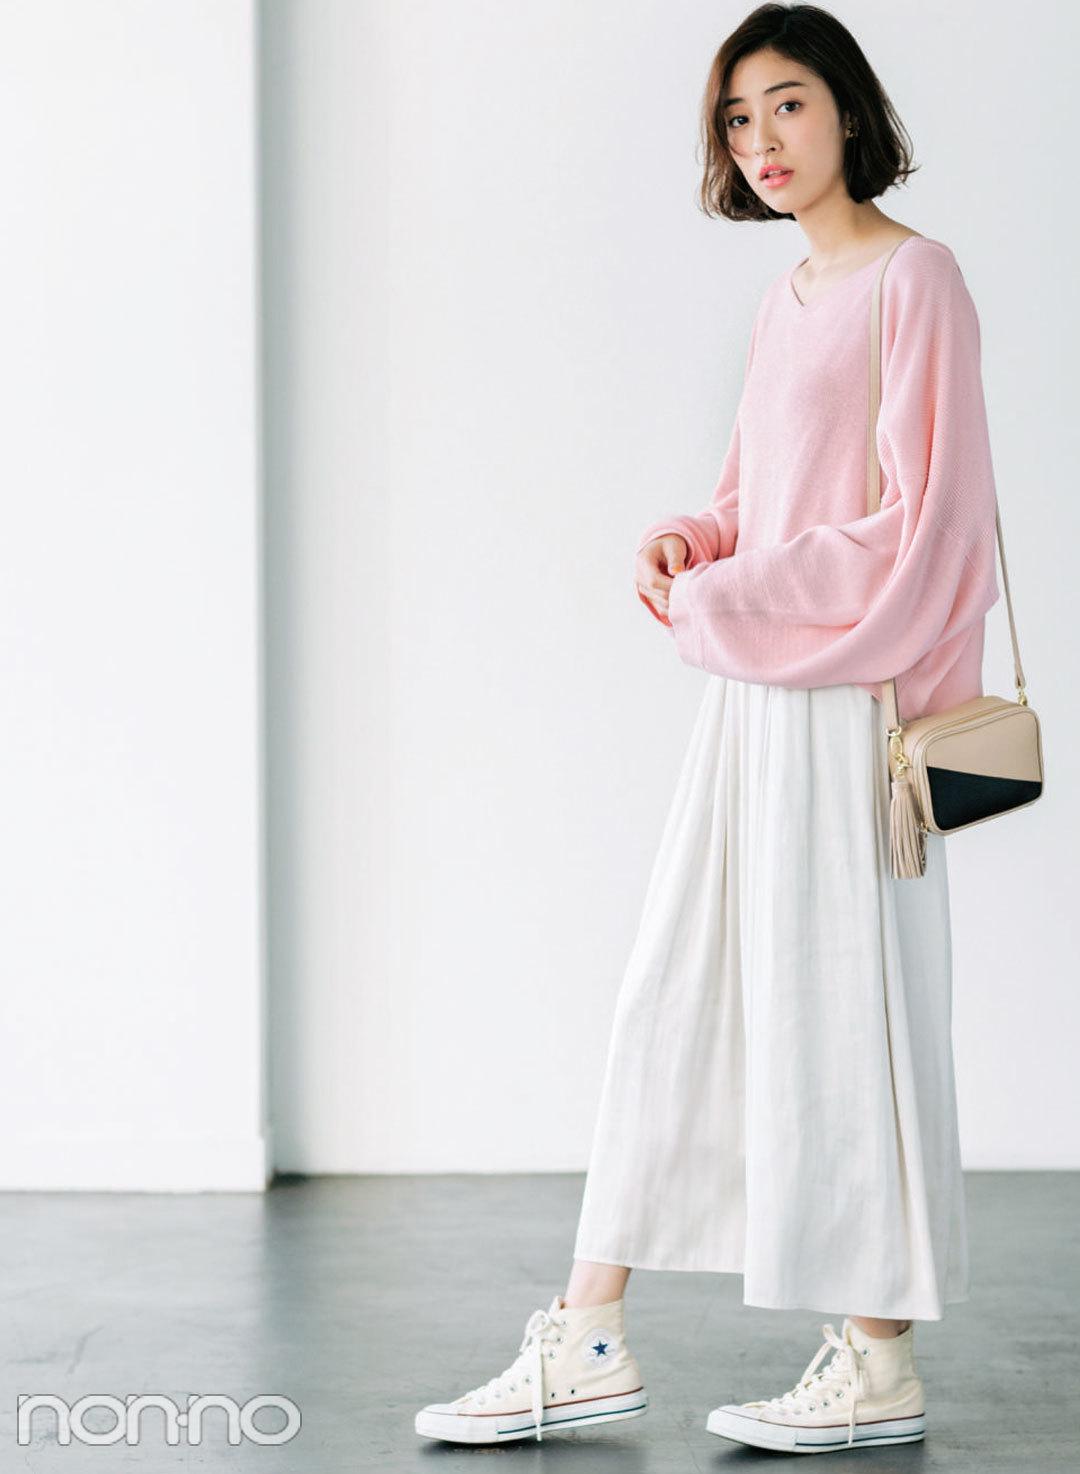 人気ブランド春のセット買い☆ビームスでは淡ピンクトップス+スカーチョ_1_1